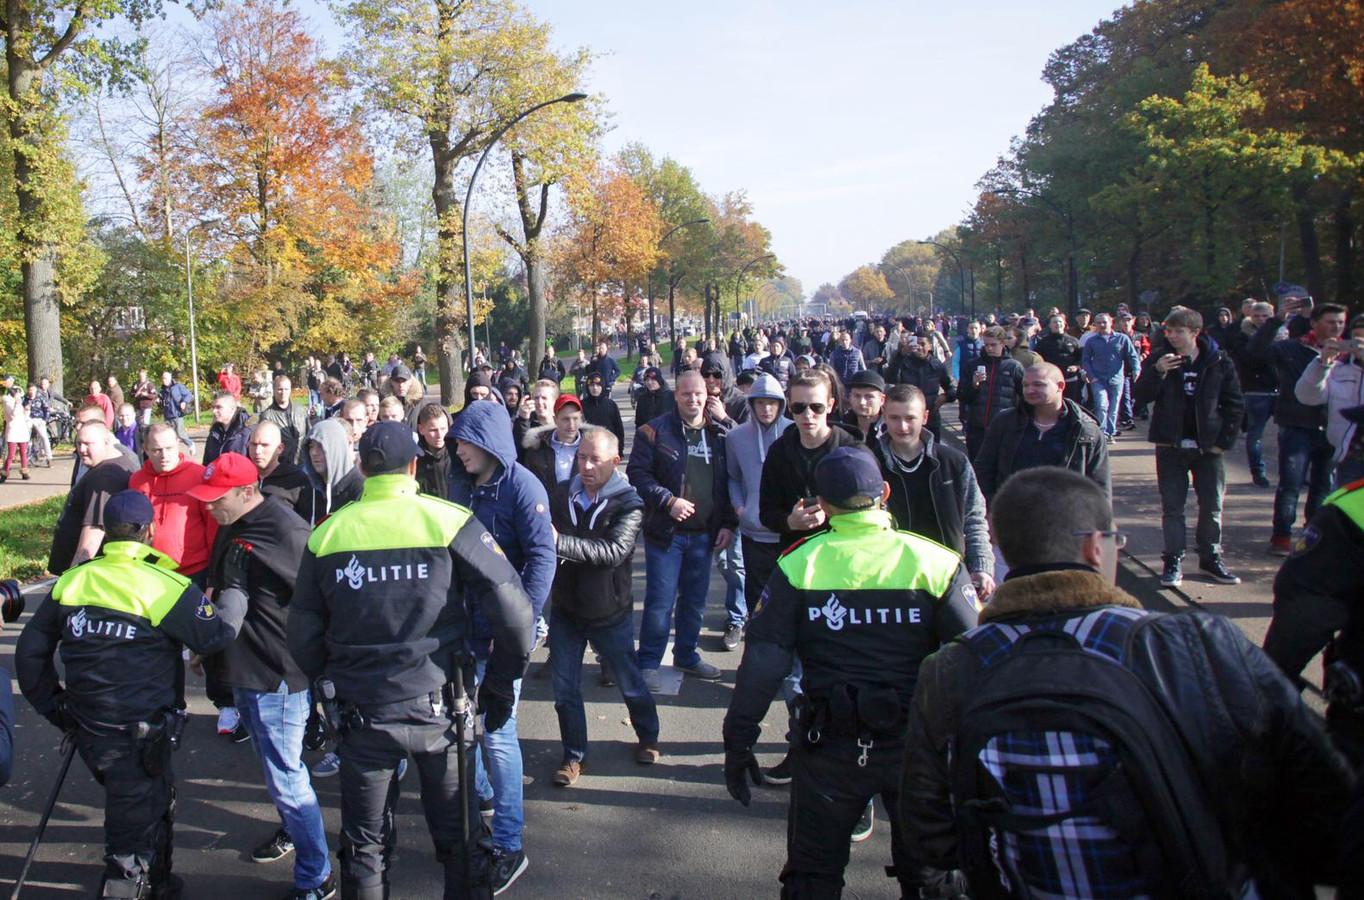 Deelnemers aan een betoging tegen de komst van een asielzoekerscentrum staan tegenover de politie. De burgemeester van Enschede gaf opdracht de betoging te stoppen